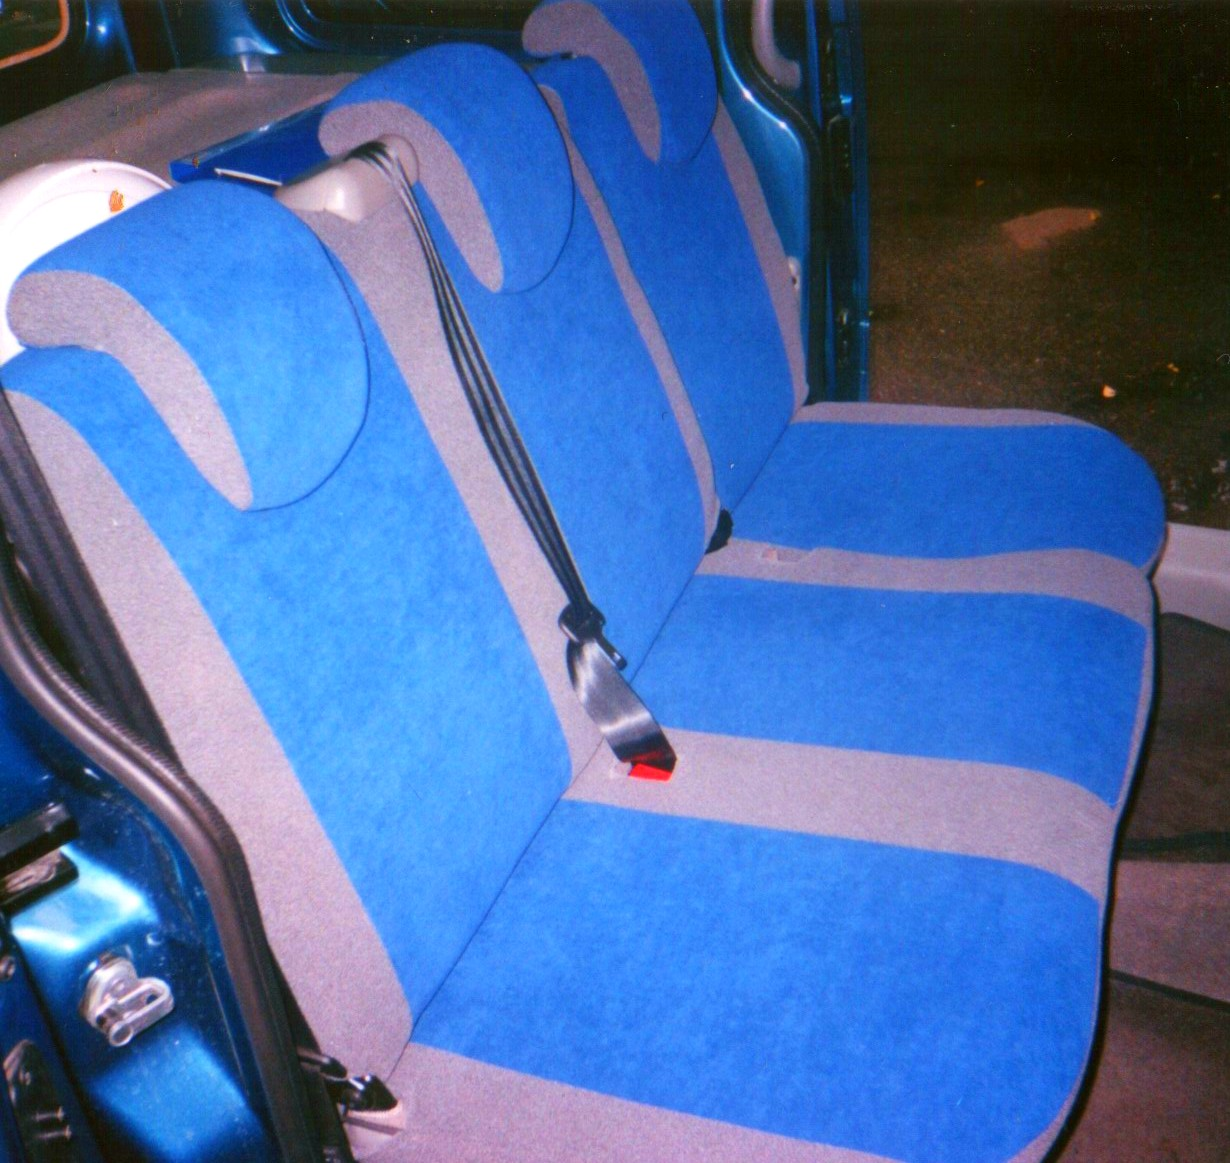 Чехлы для сидений автомобилей своими руками